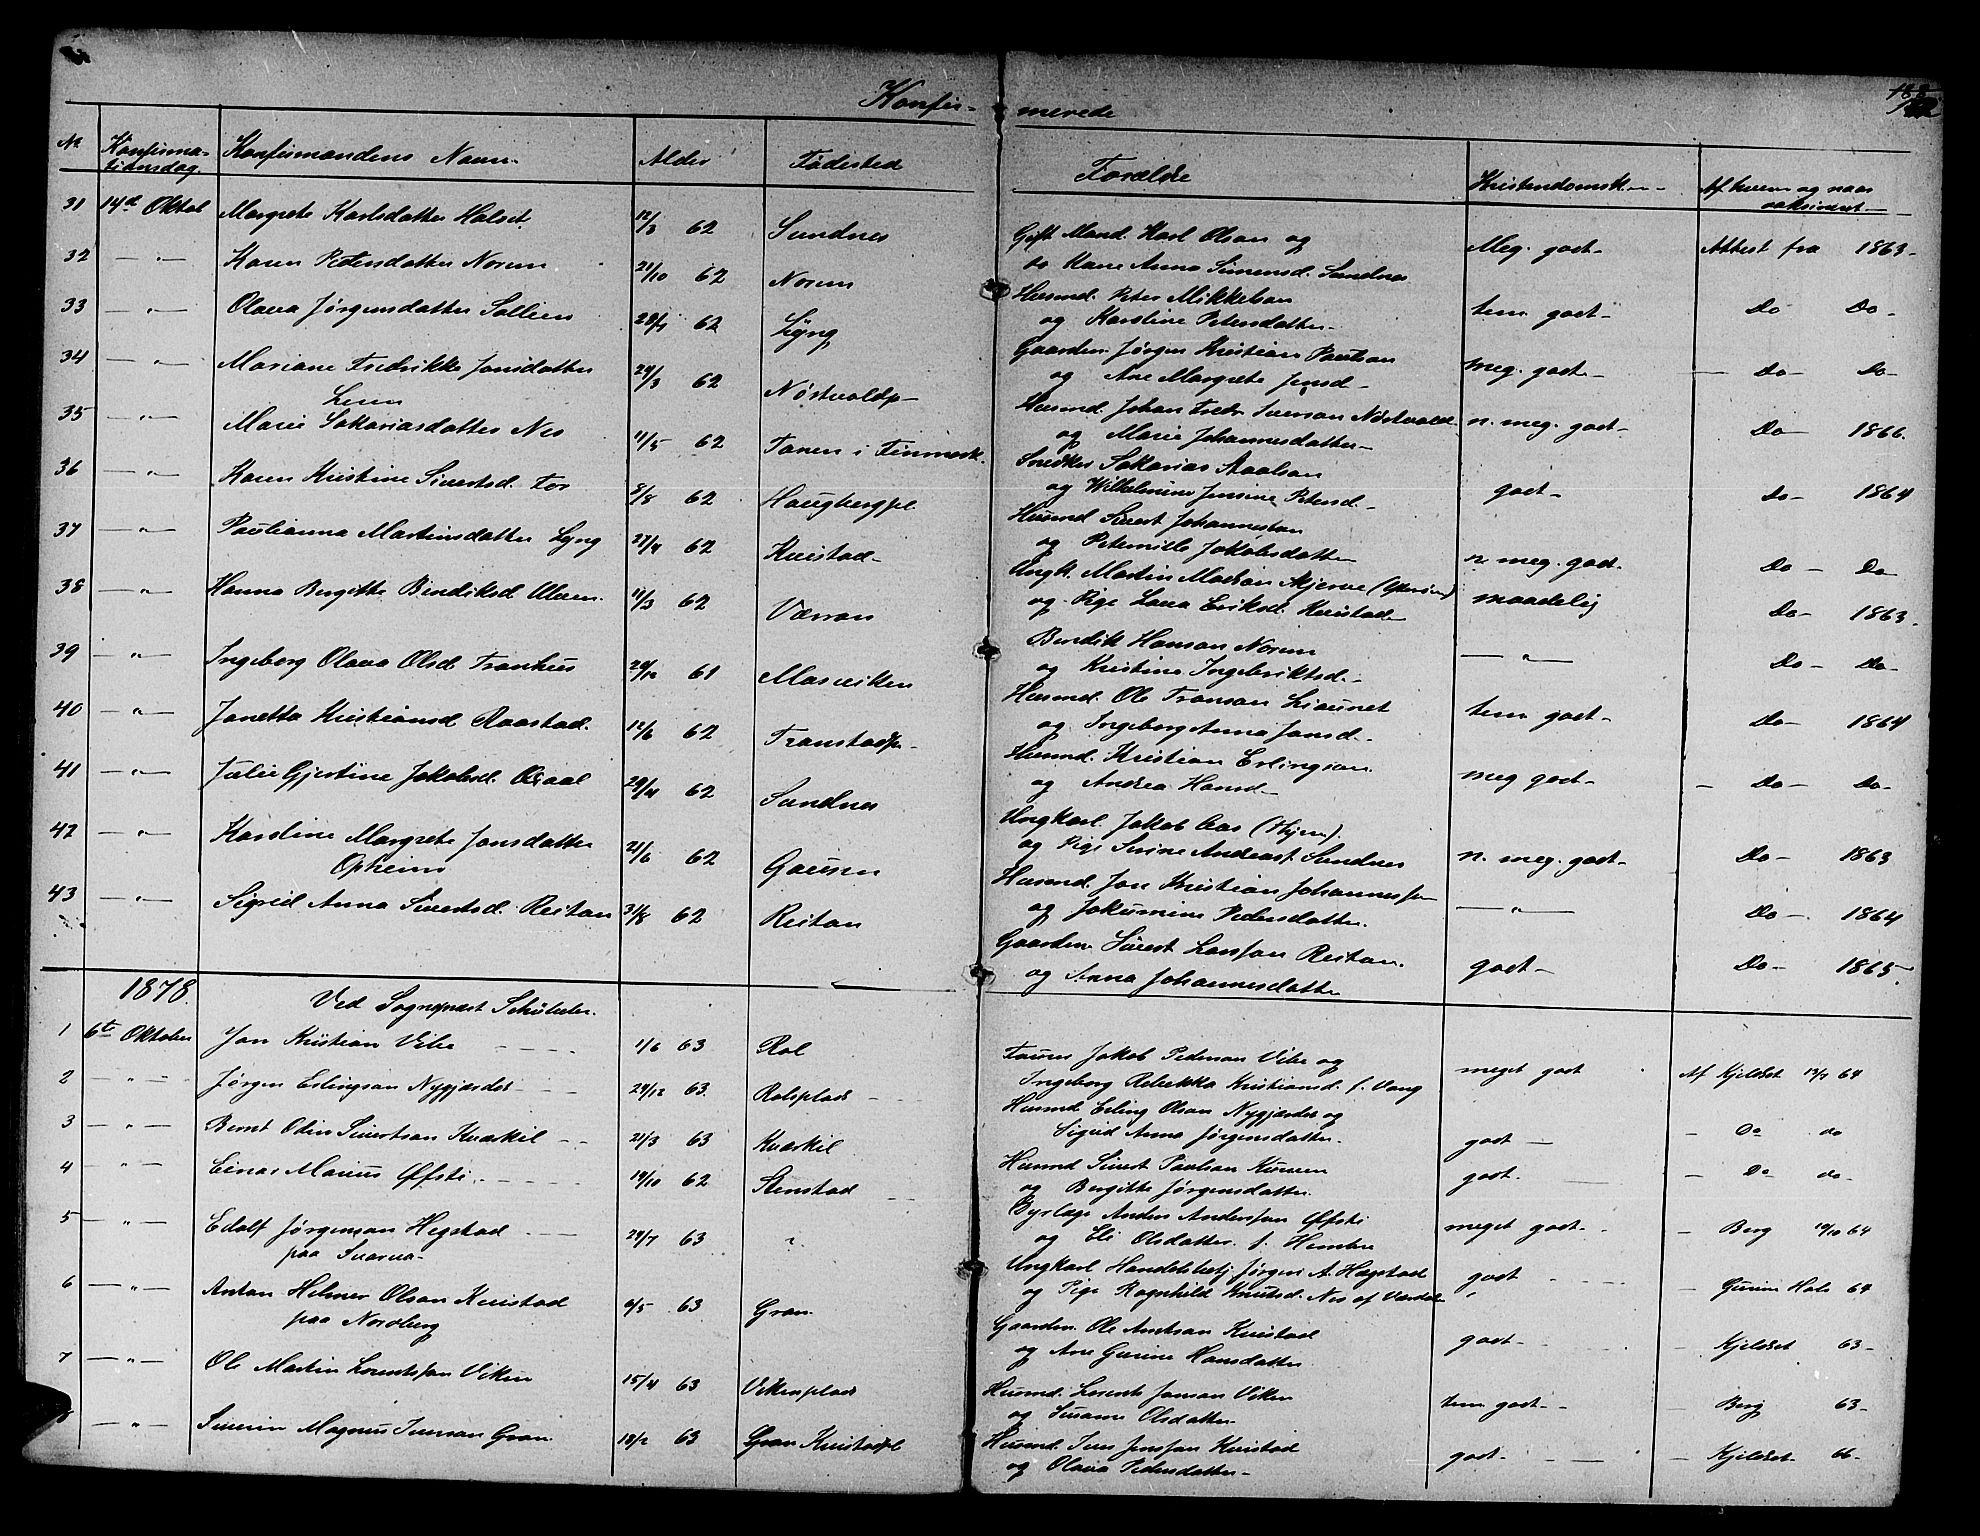 SAT, Ministerialprotokoller, klokkerbøker og fødselsregistre - Nord-Trøndelag, 730/L0300: Klokkerbok nr. 730C03, 1872-1879, s. 152